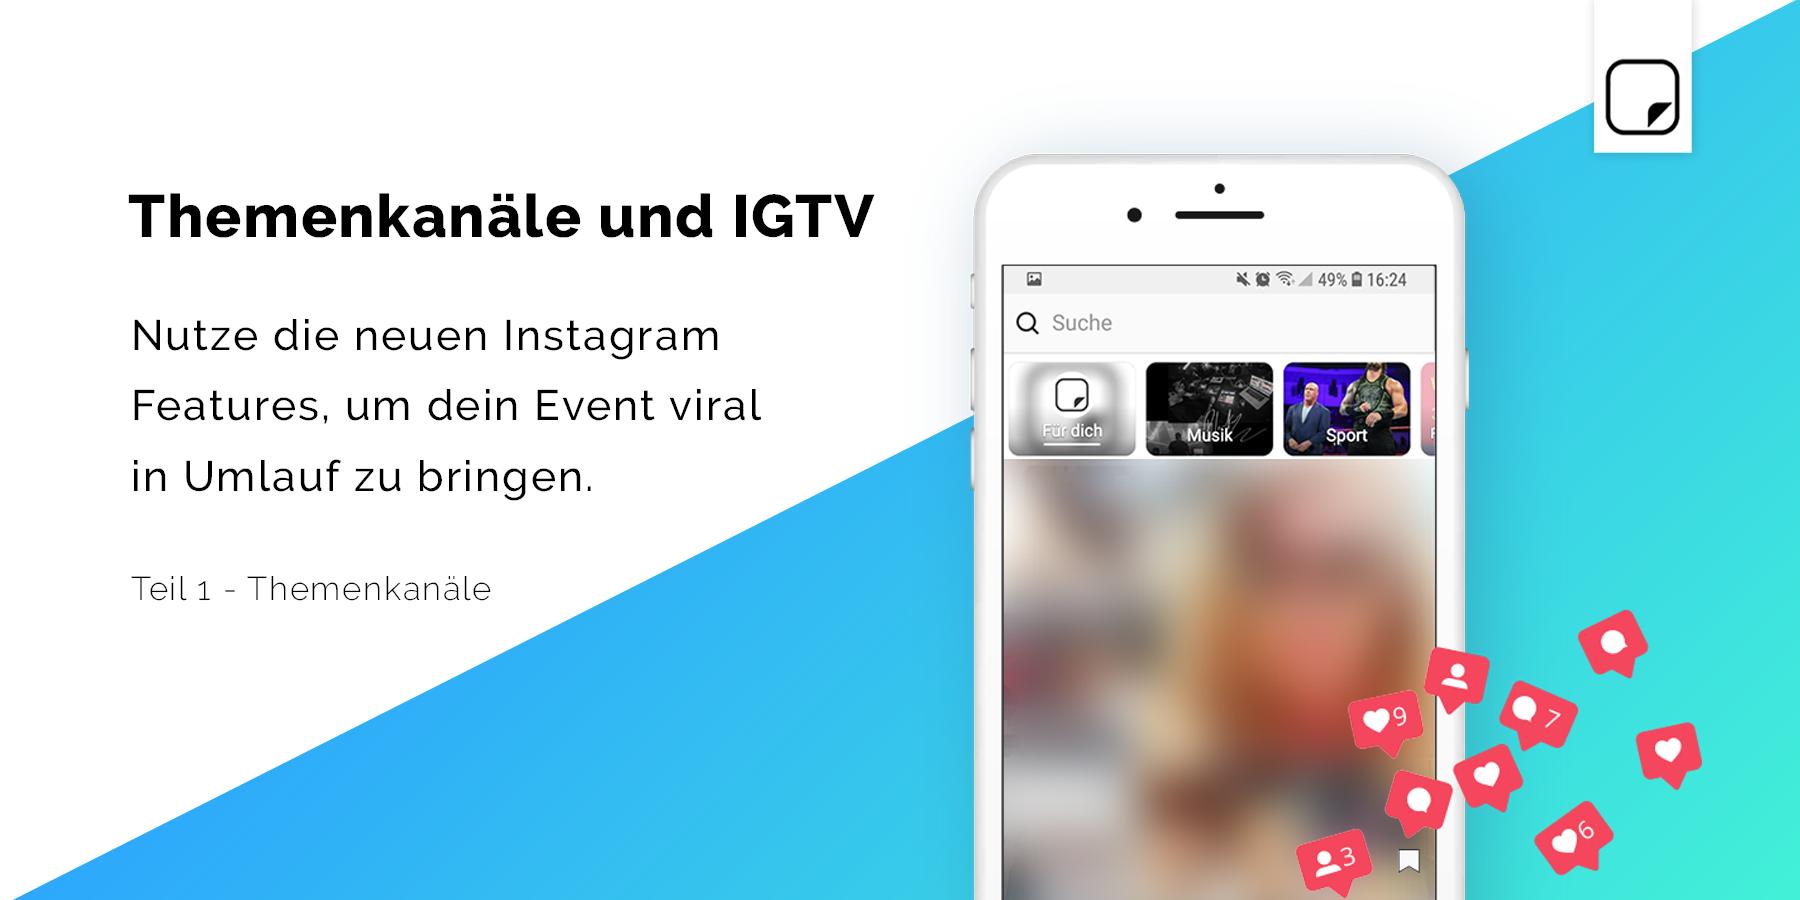 Themenkanäle und IGTV: Nutze die neuen Instagram Features, um dein Event viral in Umlauf zu bringen.